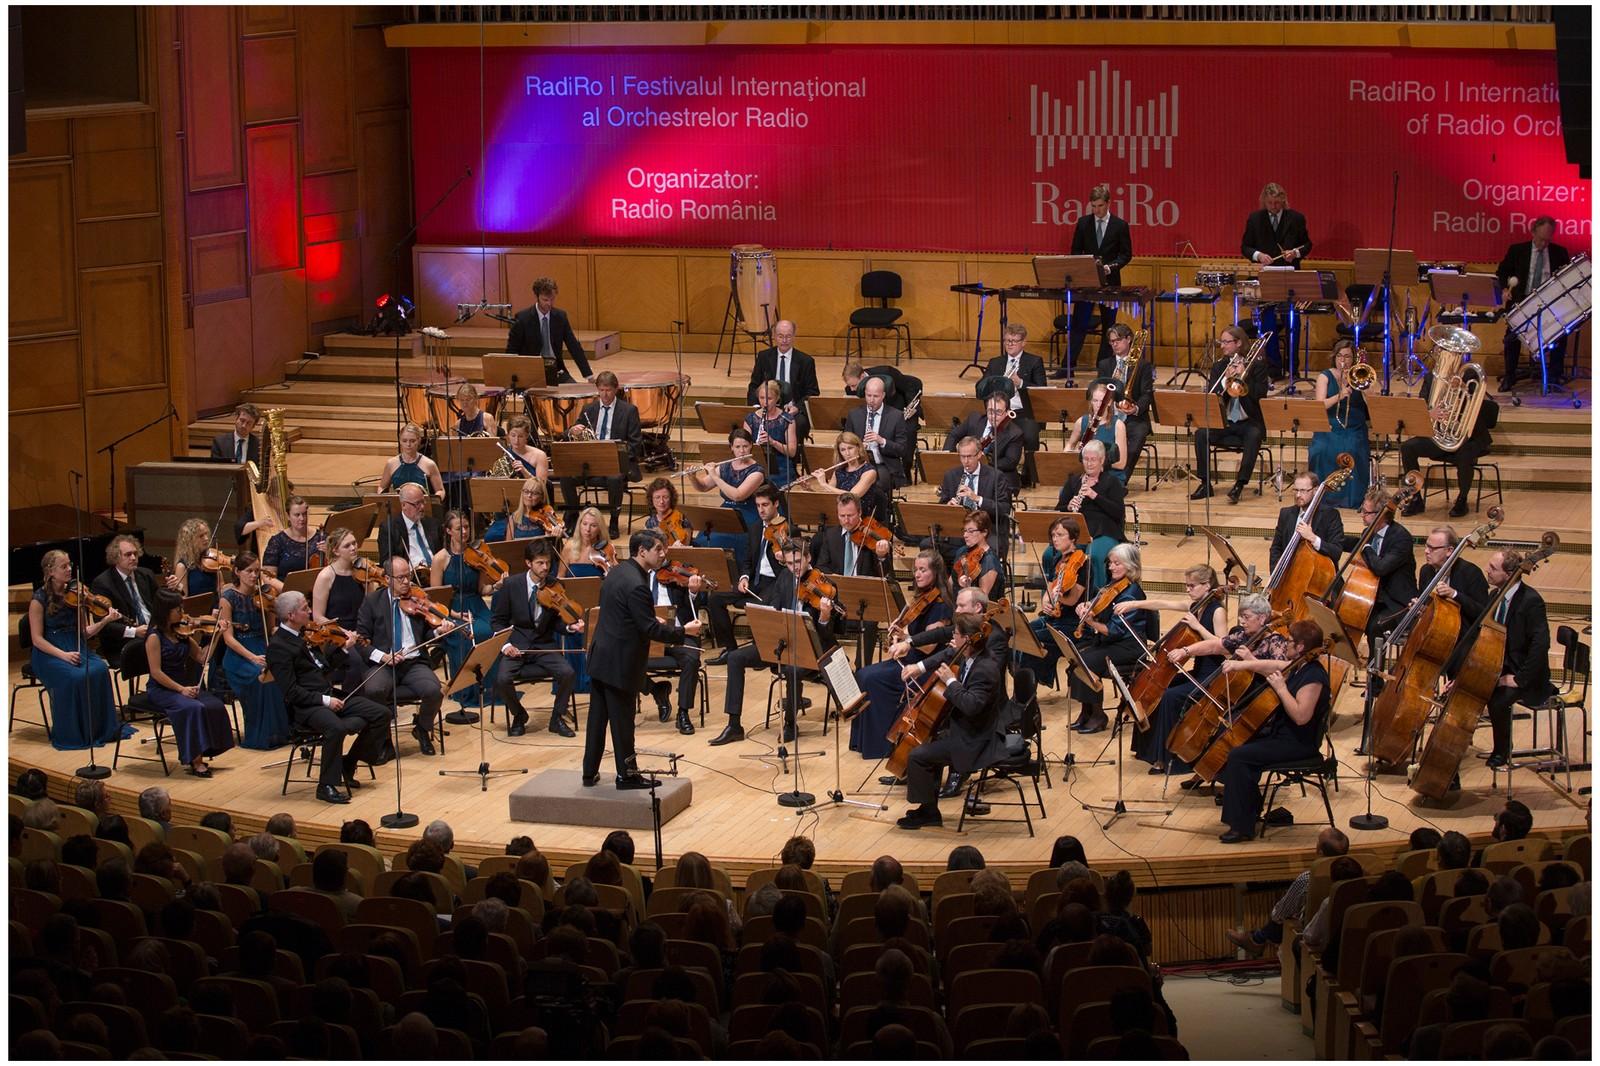 Kringkastingsorkestret på RadiRo i Bucuresti 2016.